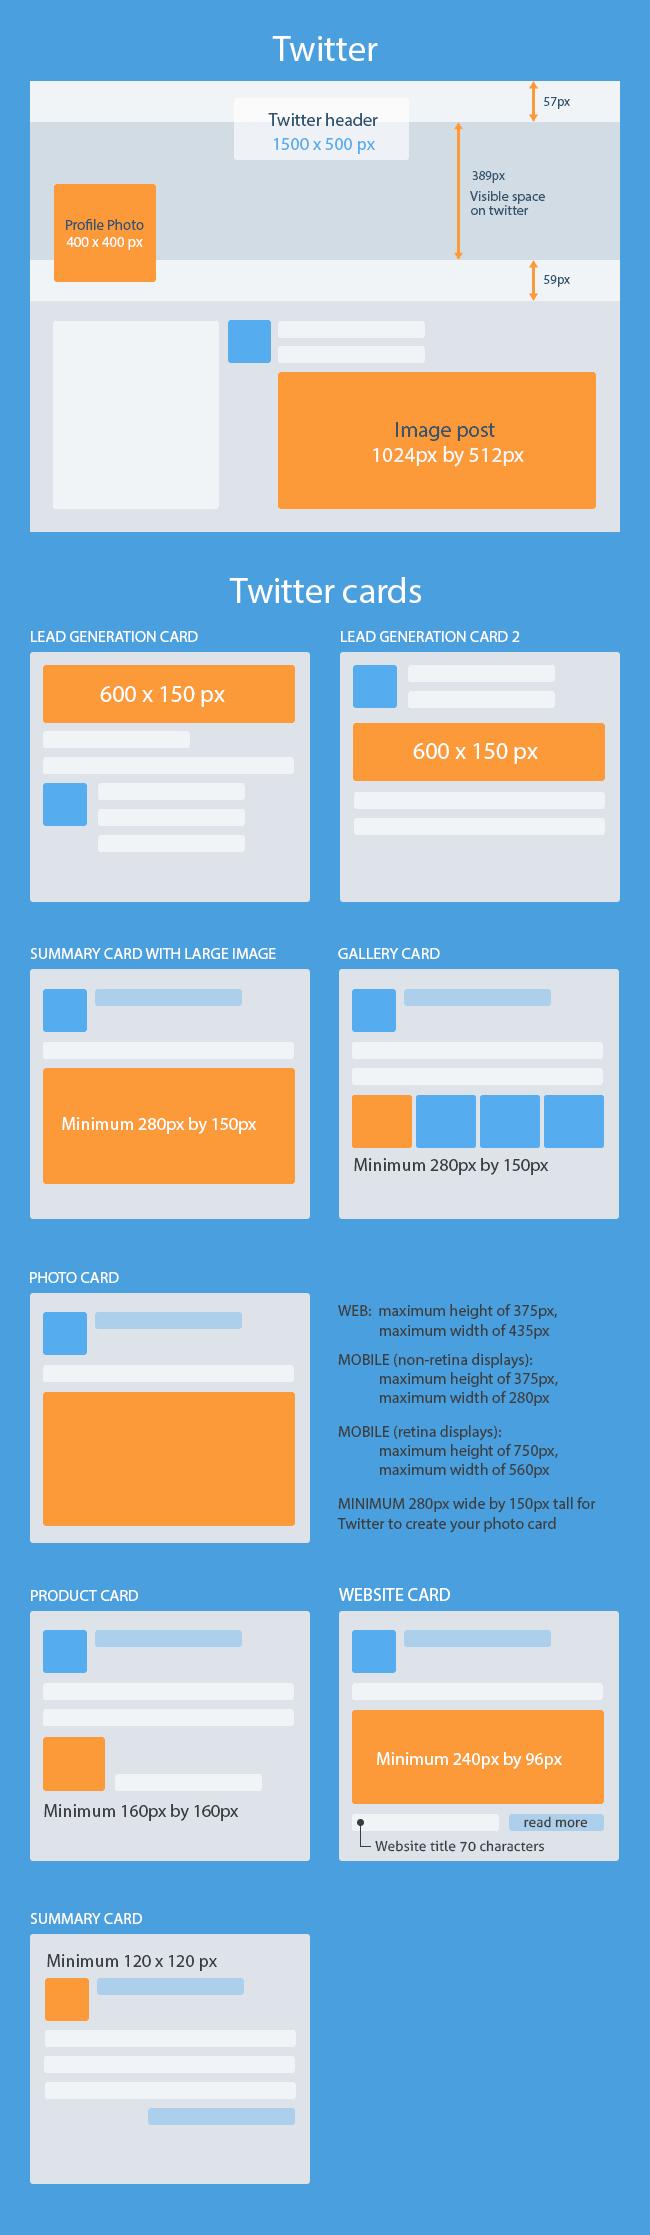 Todas las medidas para imágenes de Twitter y cómo optimizarlas